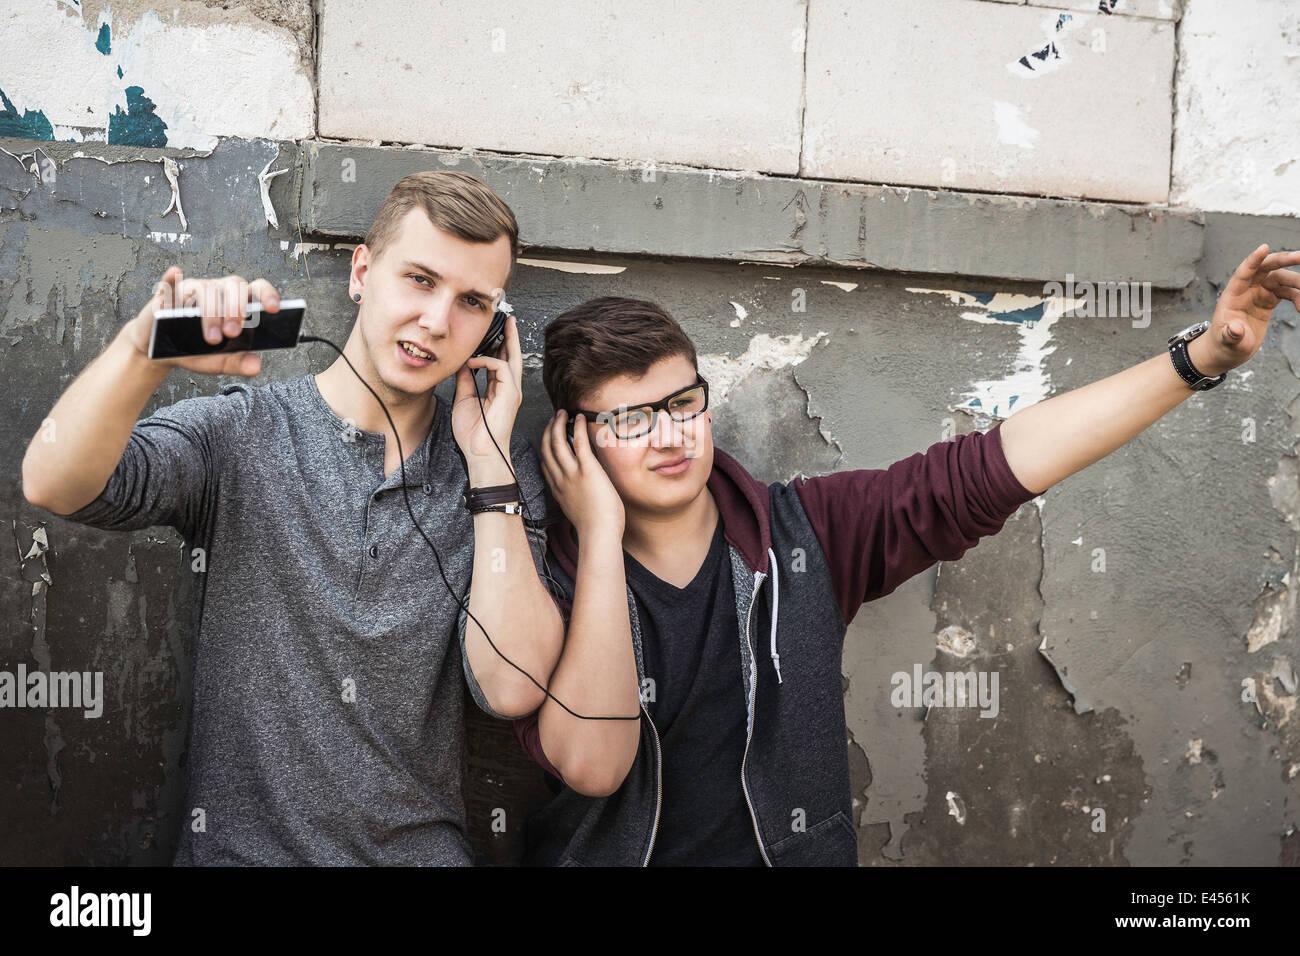 Ragazzi adolescenti ascoltando la musica di edificio abbandonato Immagini Stock